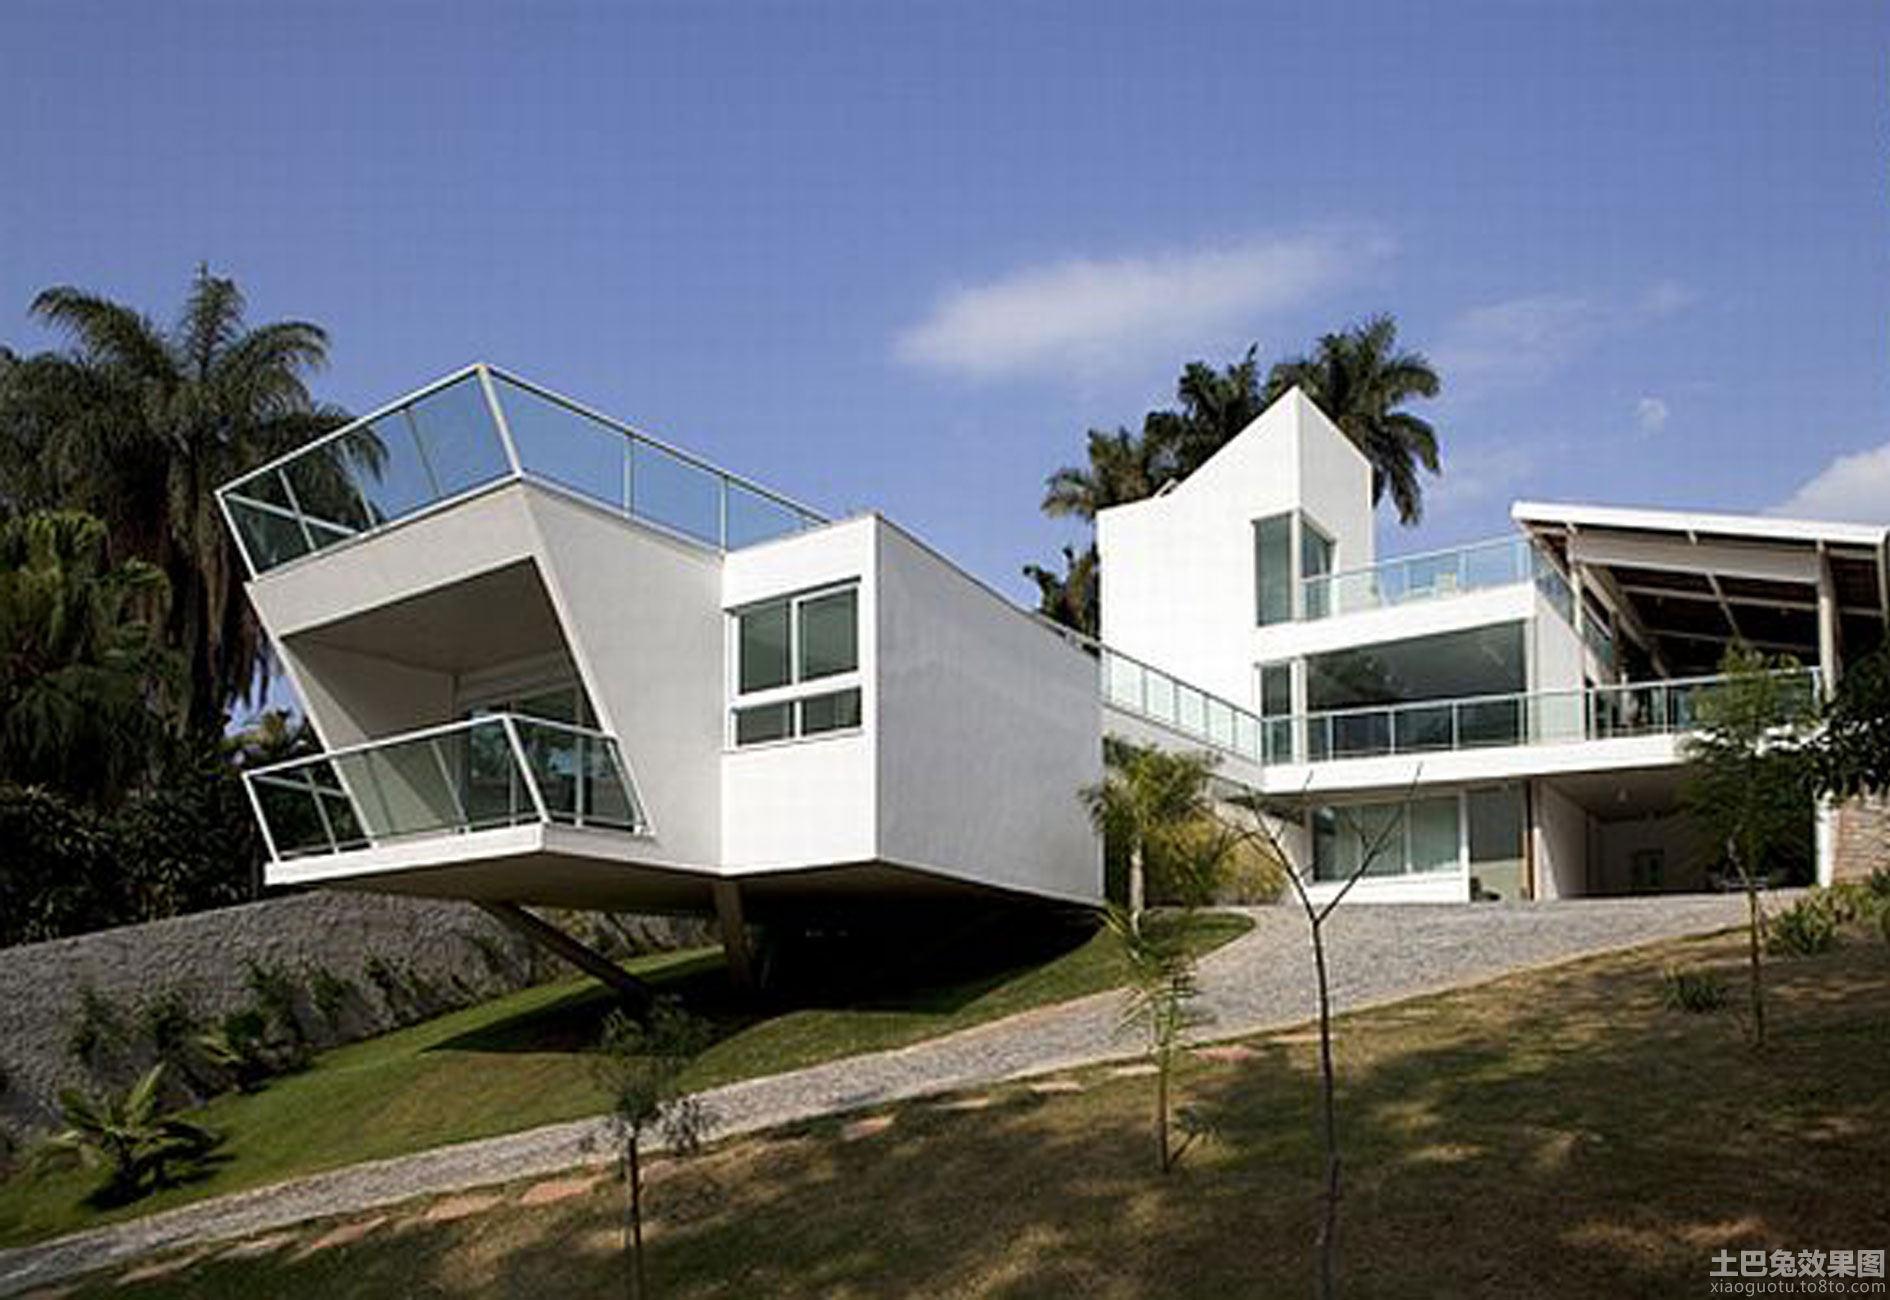 日本现代主义建筑风格宾馆预订蓝都别墅图片